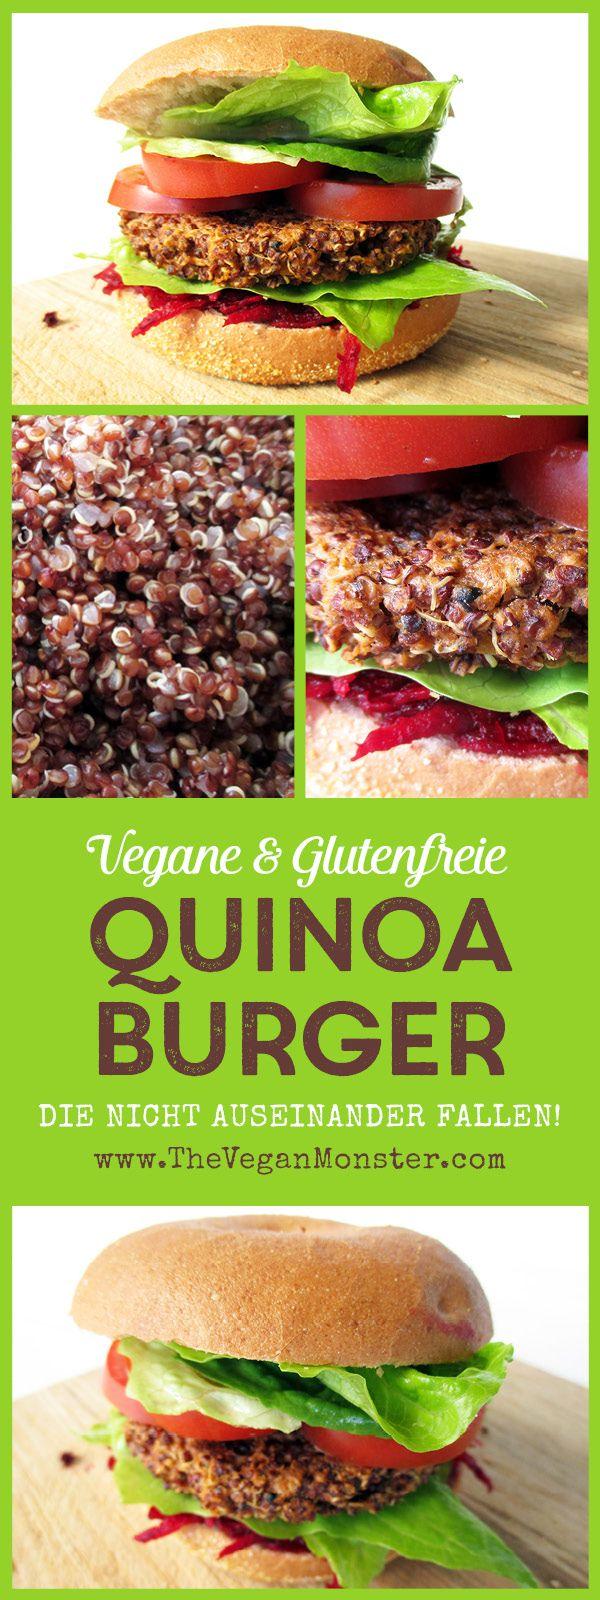 Quinoa Burger, Die Nicht Auseinander Fallen (Vegan, Glutenfrei)